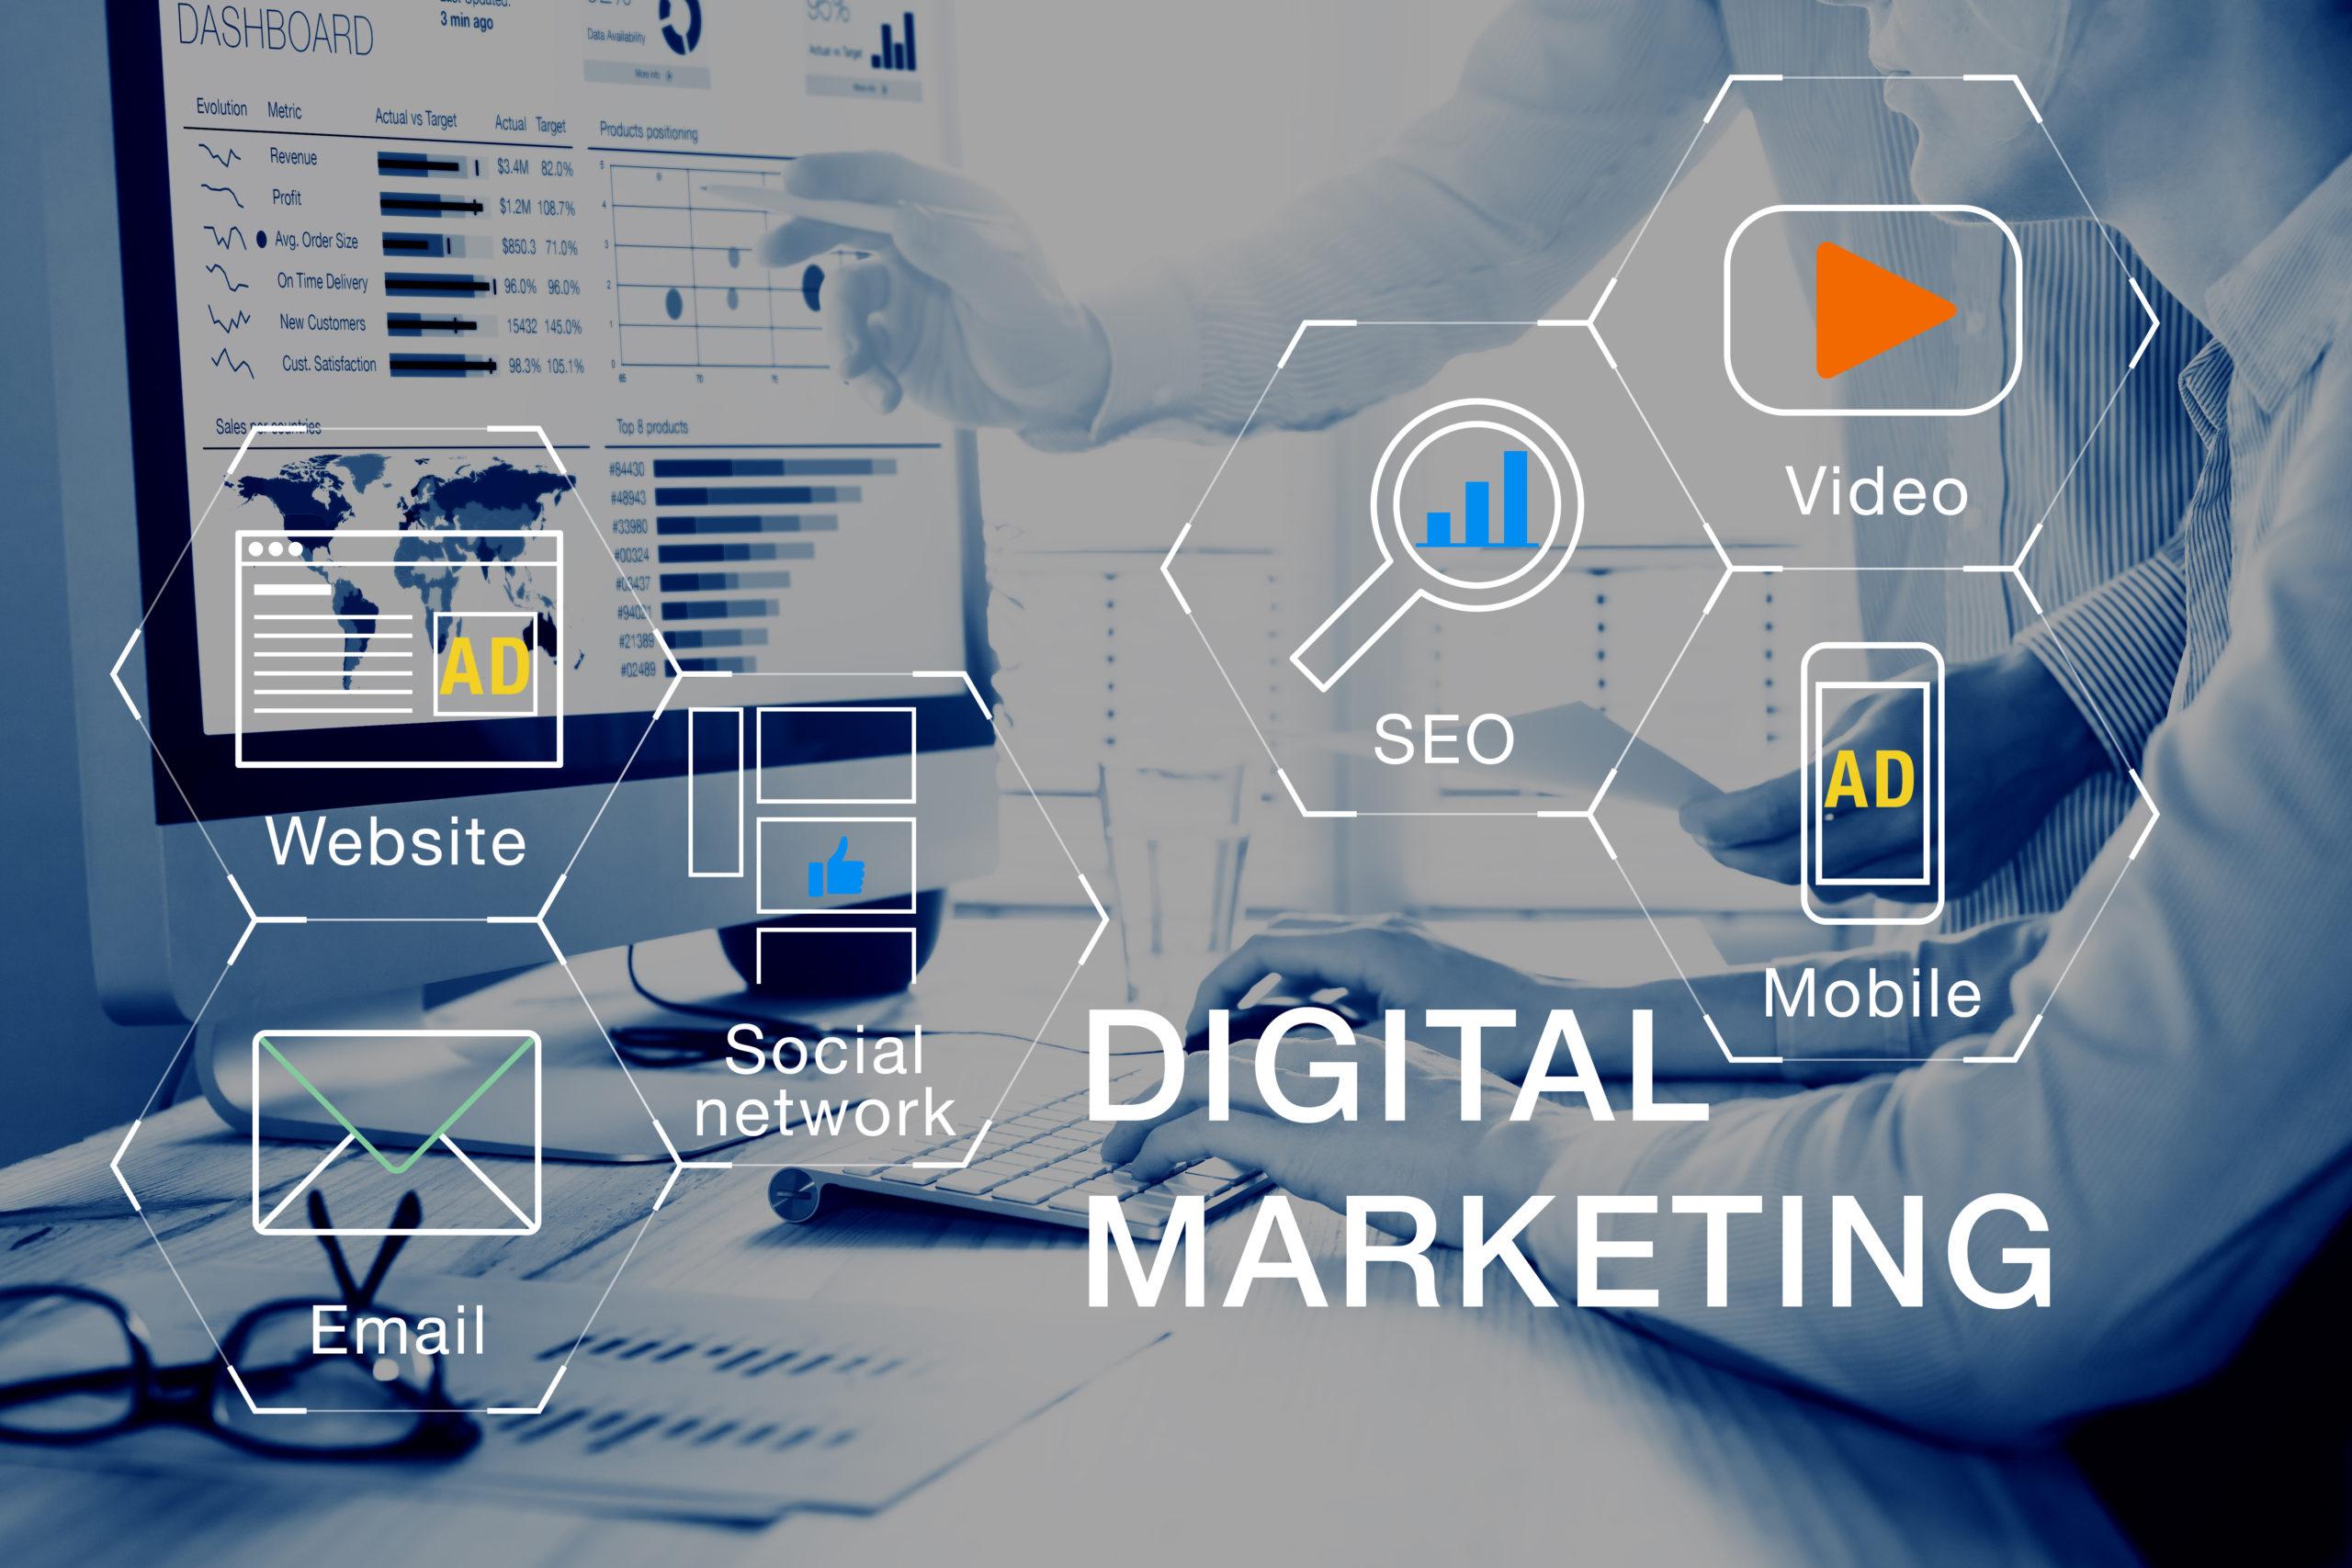 中小企業のWebマーケティング担当者が知っておくべきサービス9選!